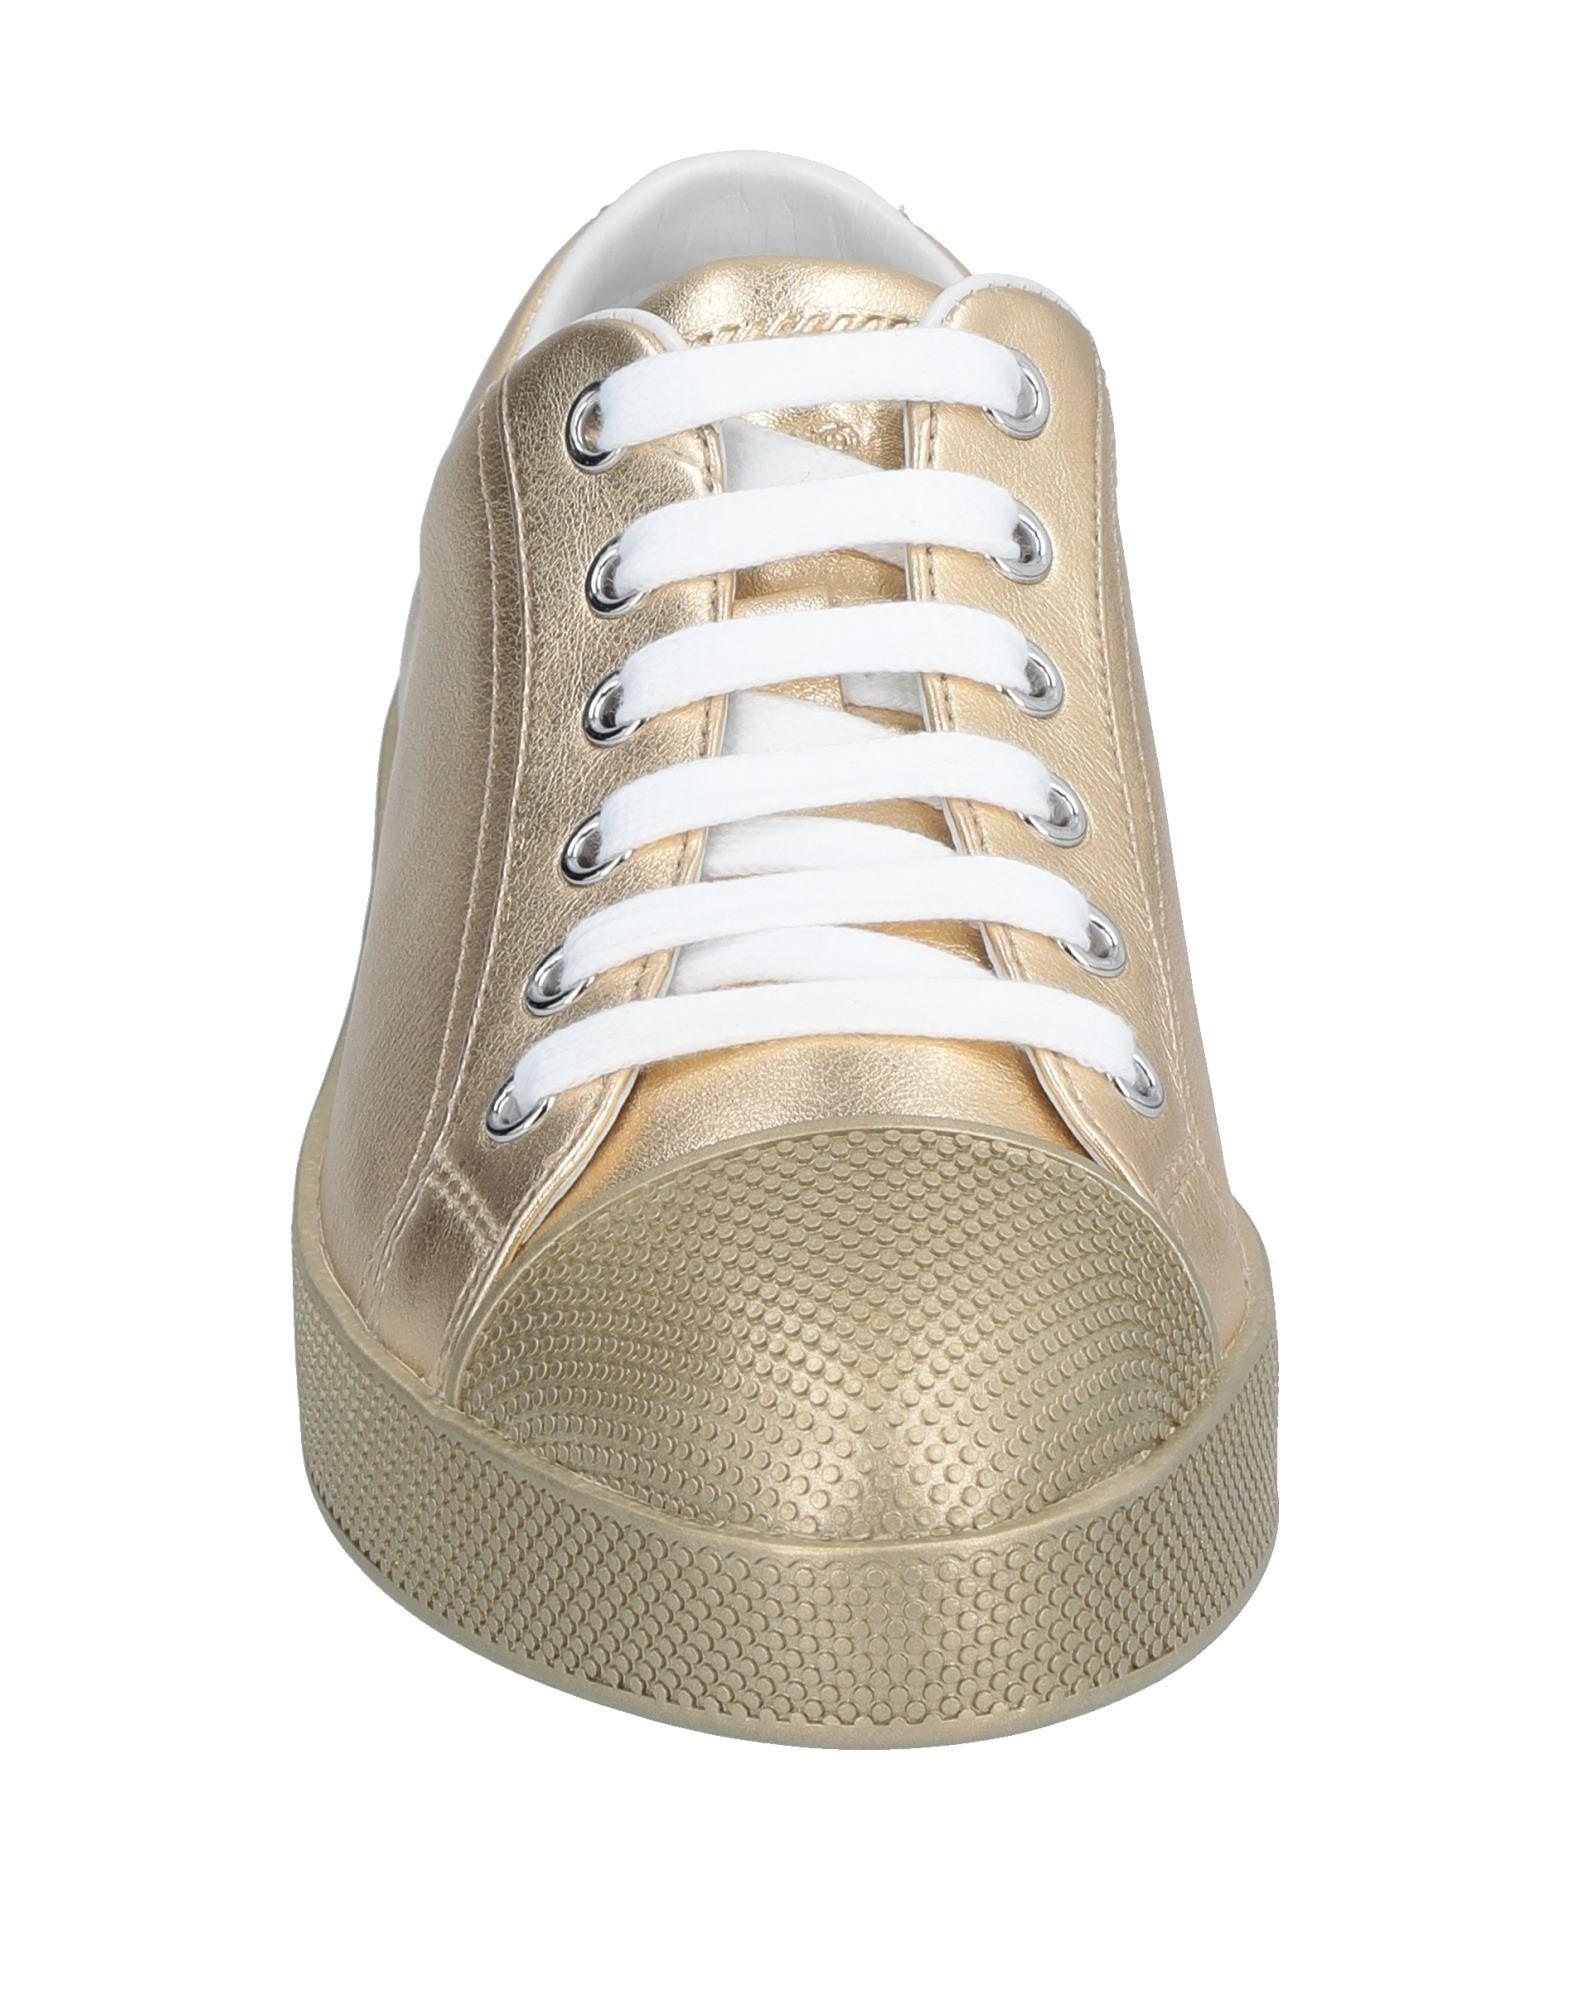 Prada Prada Prada Sport Sneakers Damen  11504947UR Beliebte Schuhe 28b71b